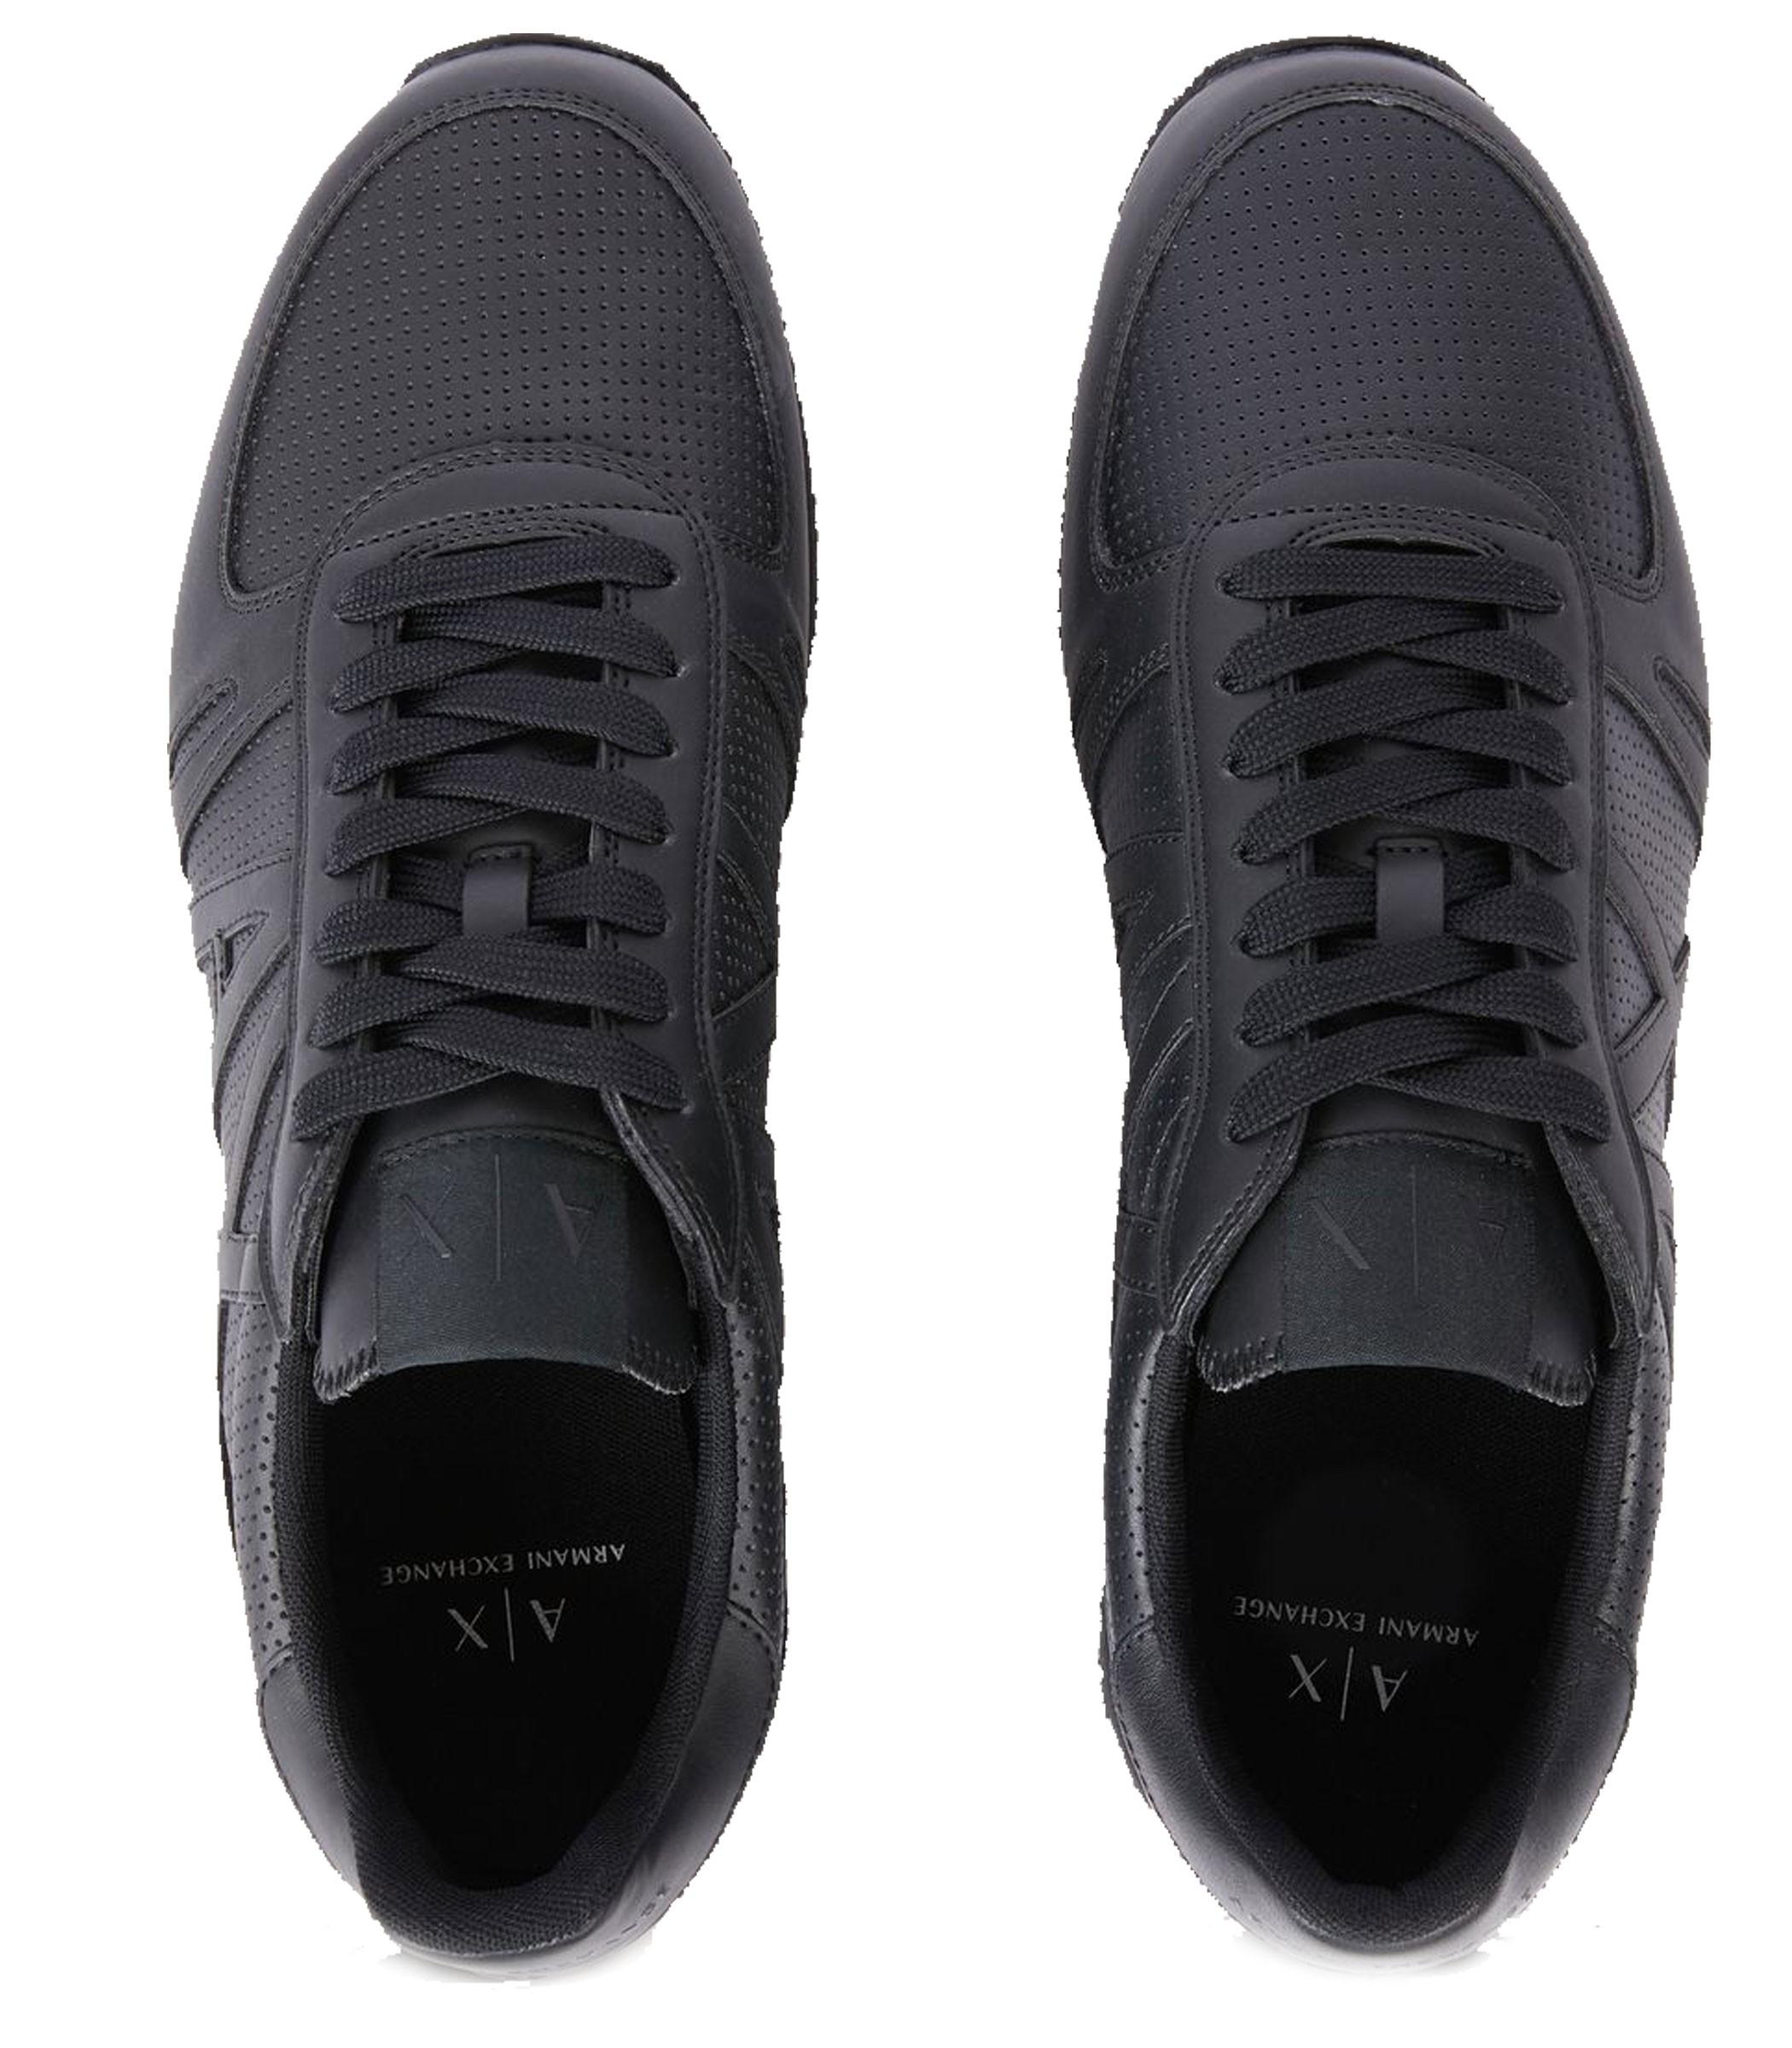 Xux017 Da Nero Colore ModExchange Scarpe Uomo Armani Sneakers lF1cKJ